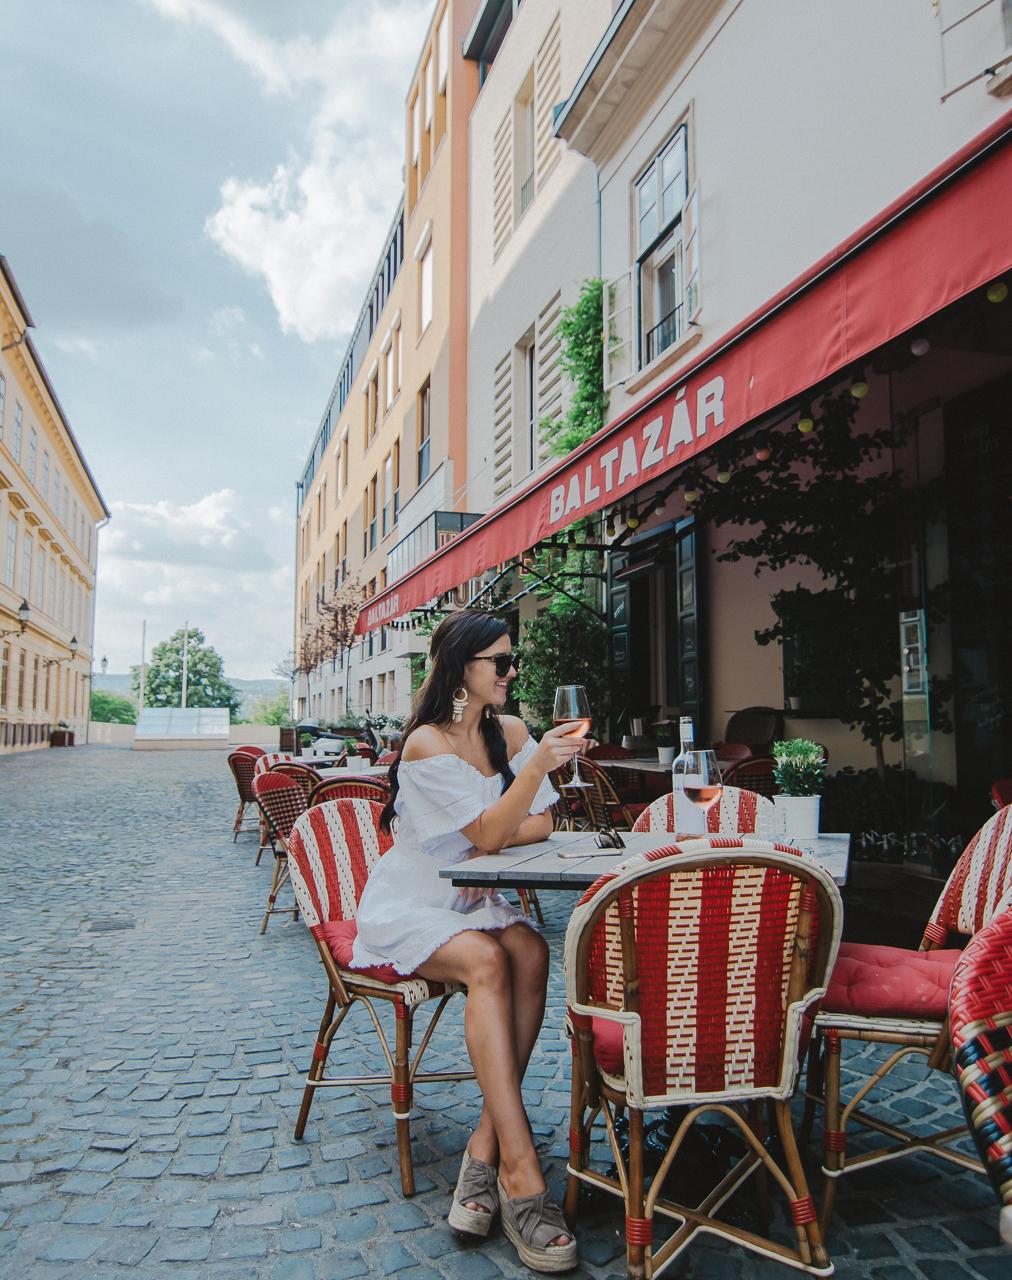 Baltazar Hotel and Restaurant